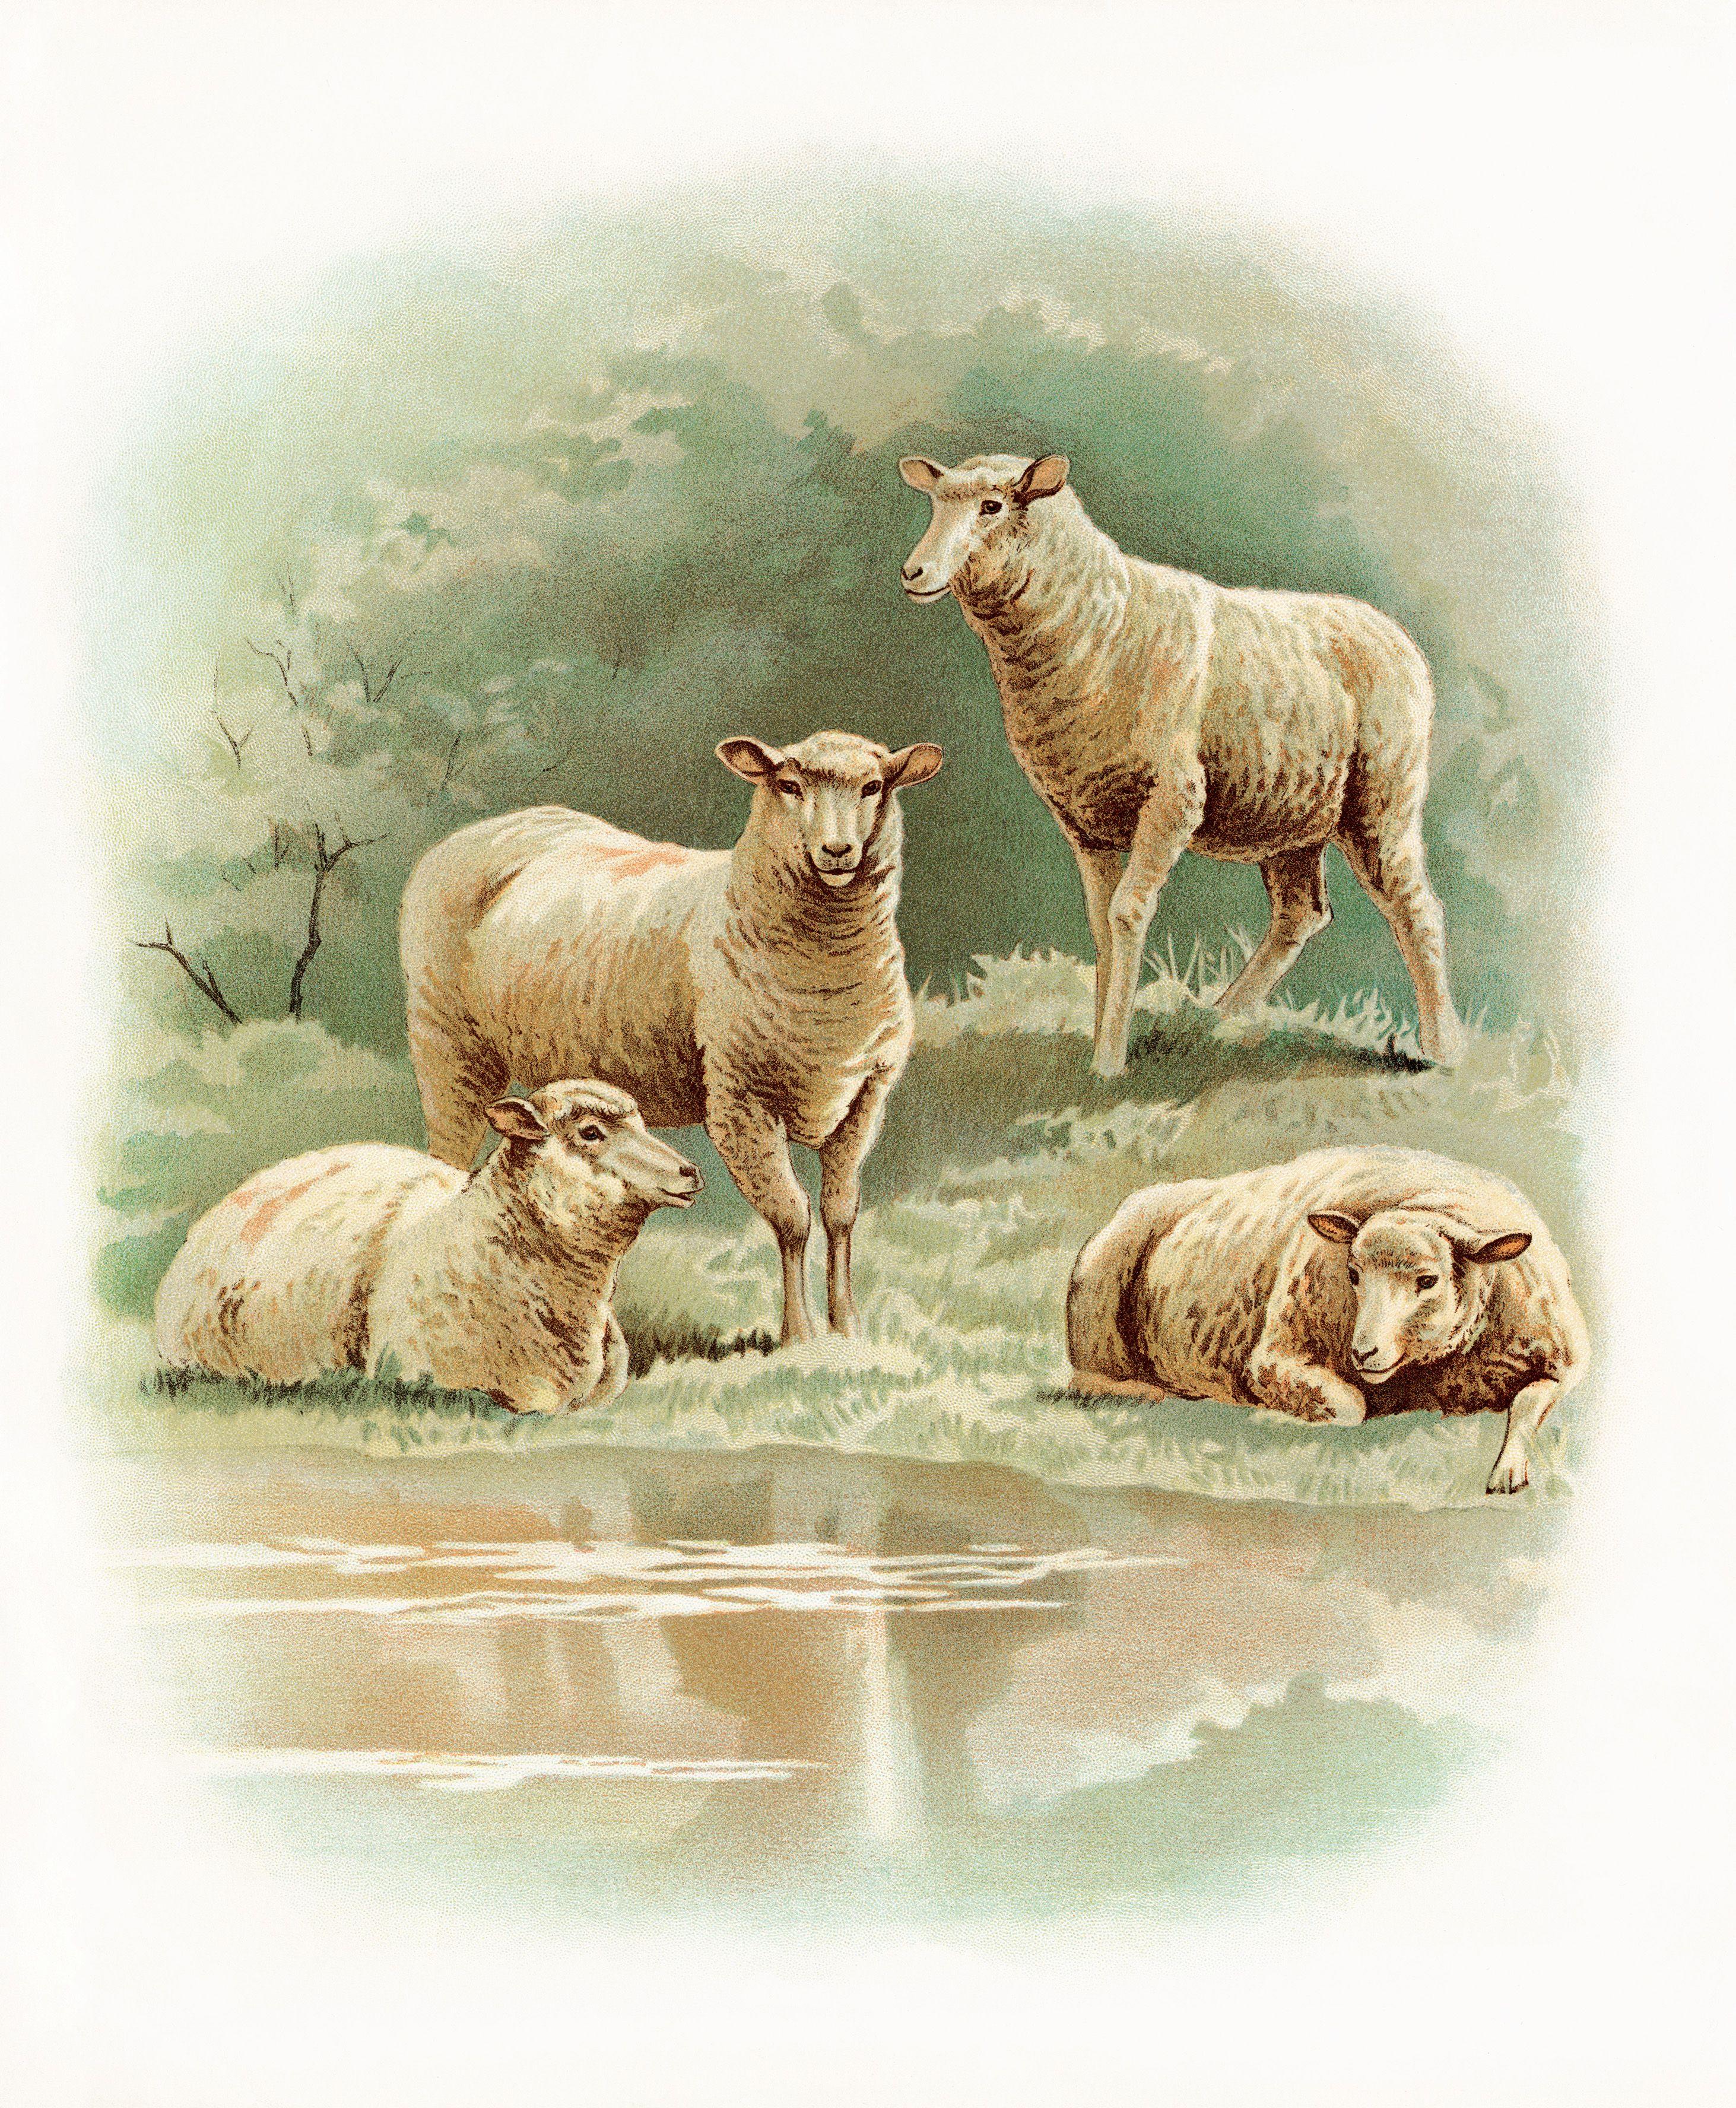 овца и мышь картинки